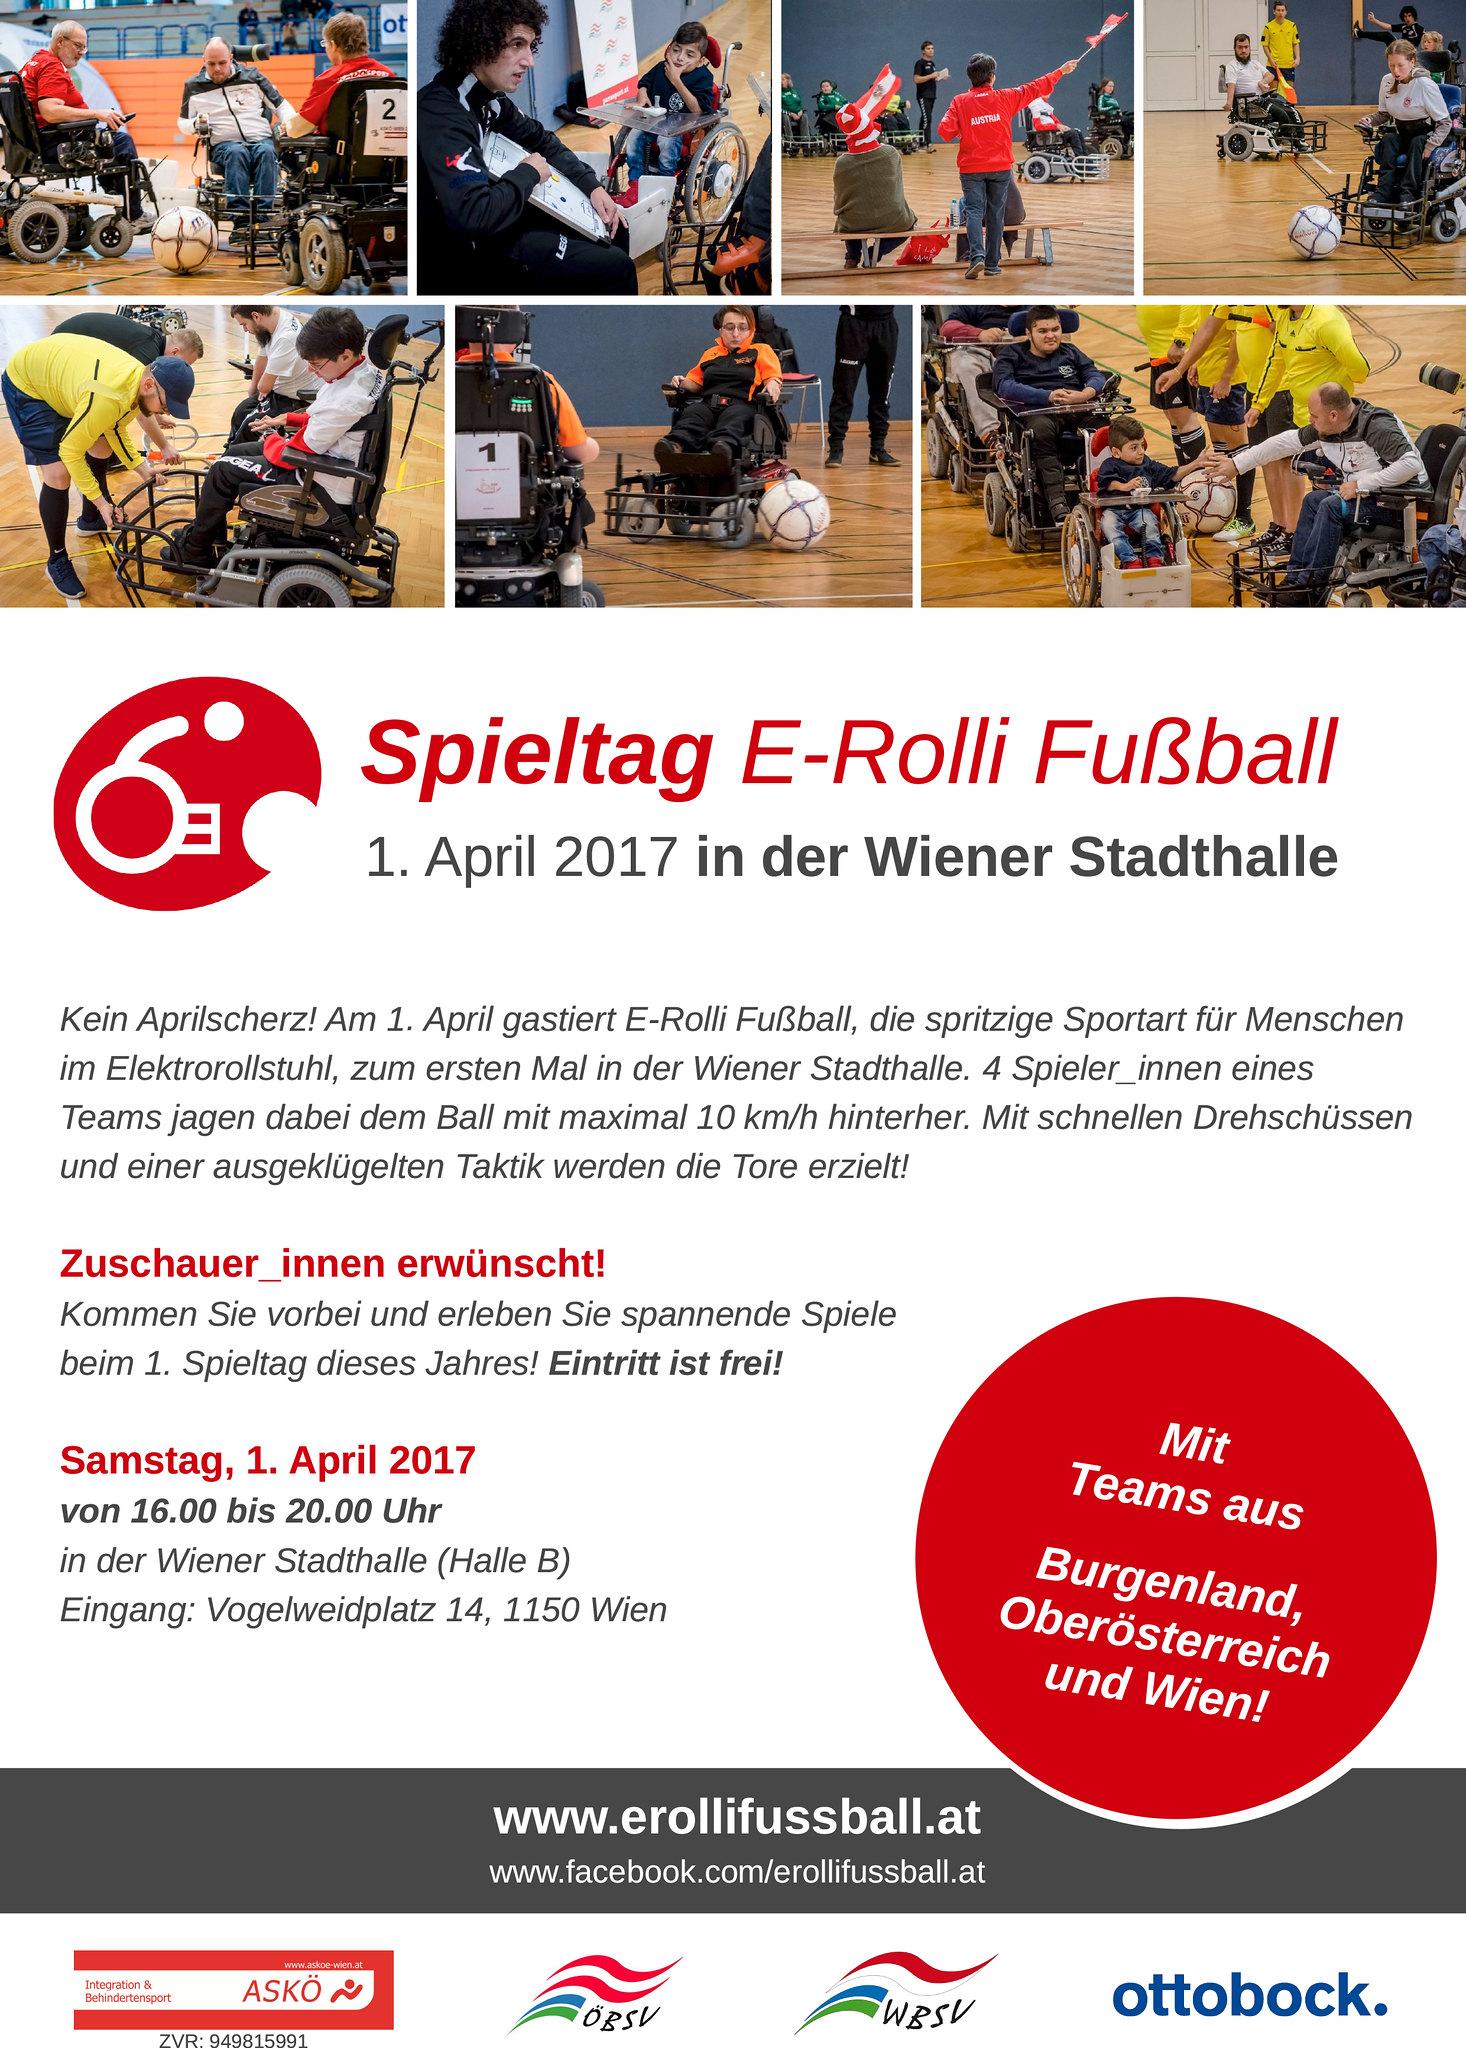 1. April 2017 – Spieltag E-Rolli Fußball in der Wiener Stadthalle